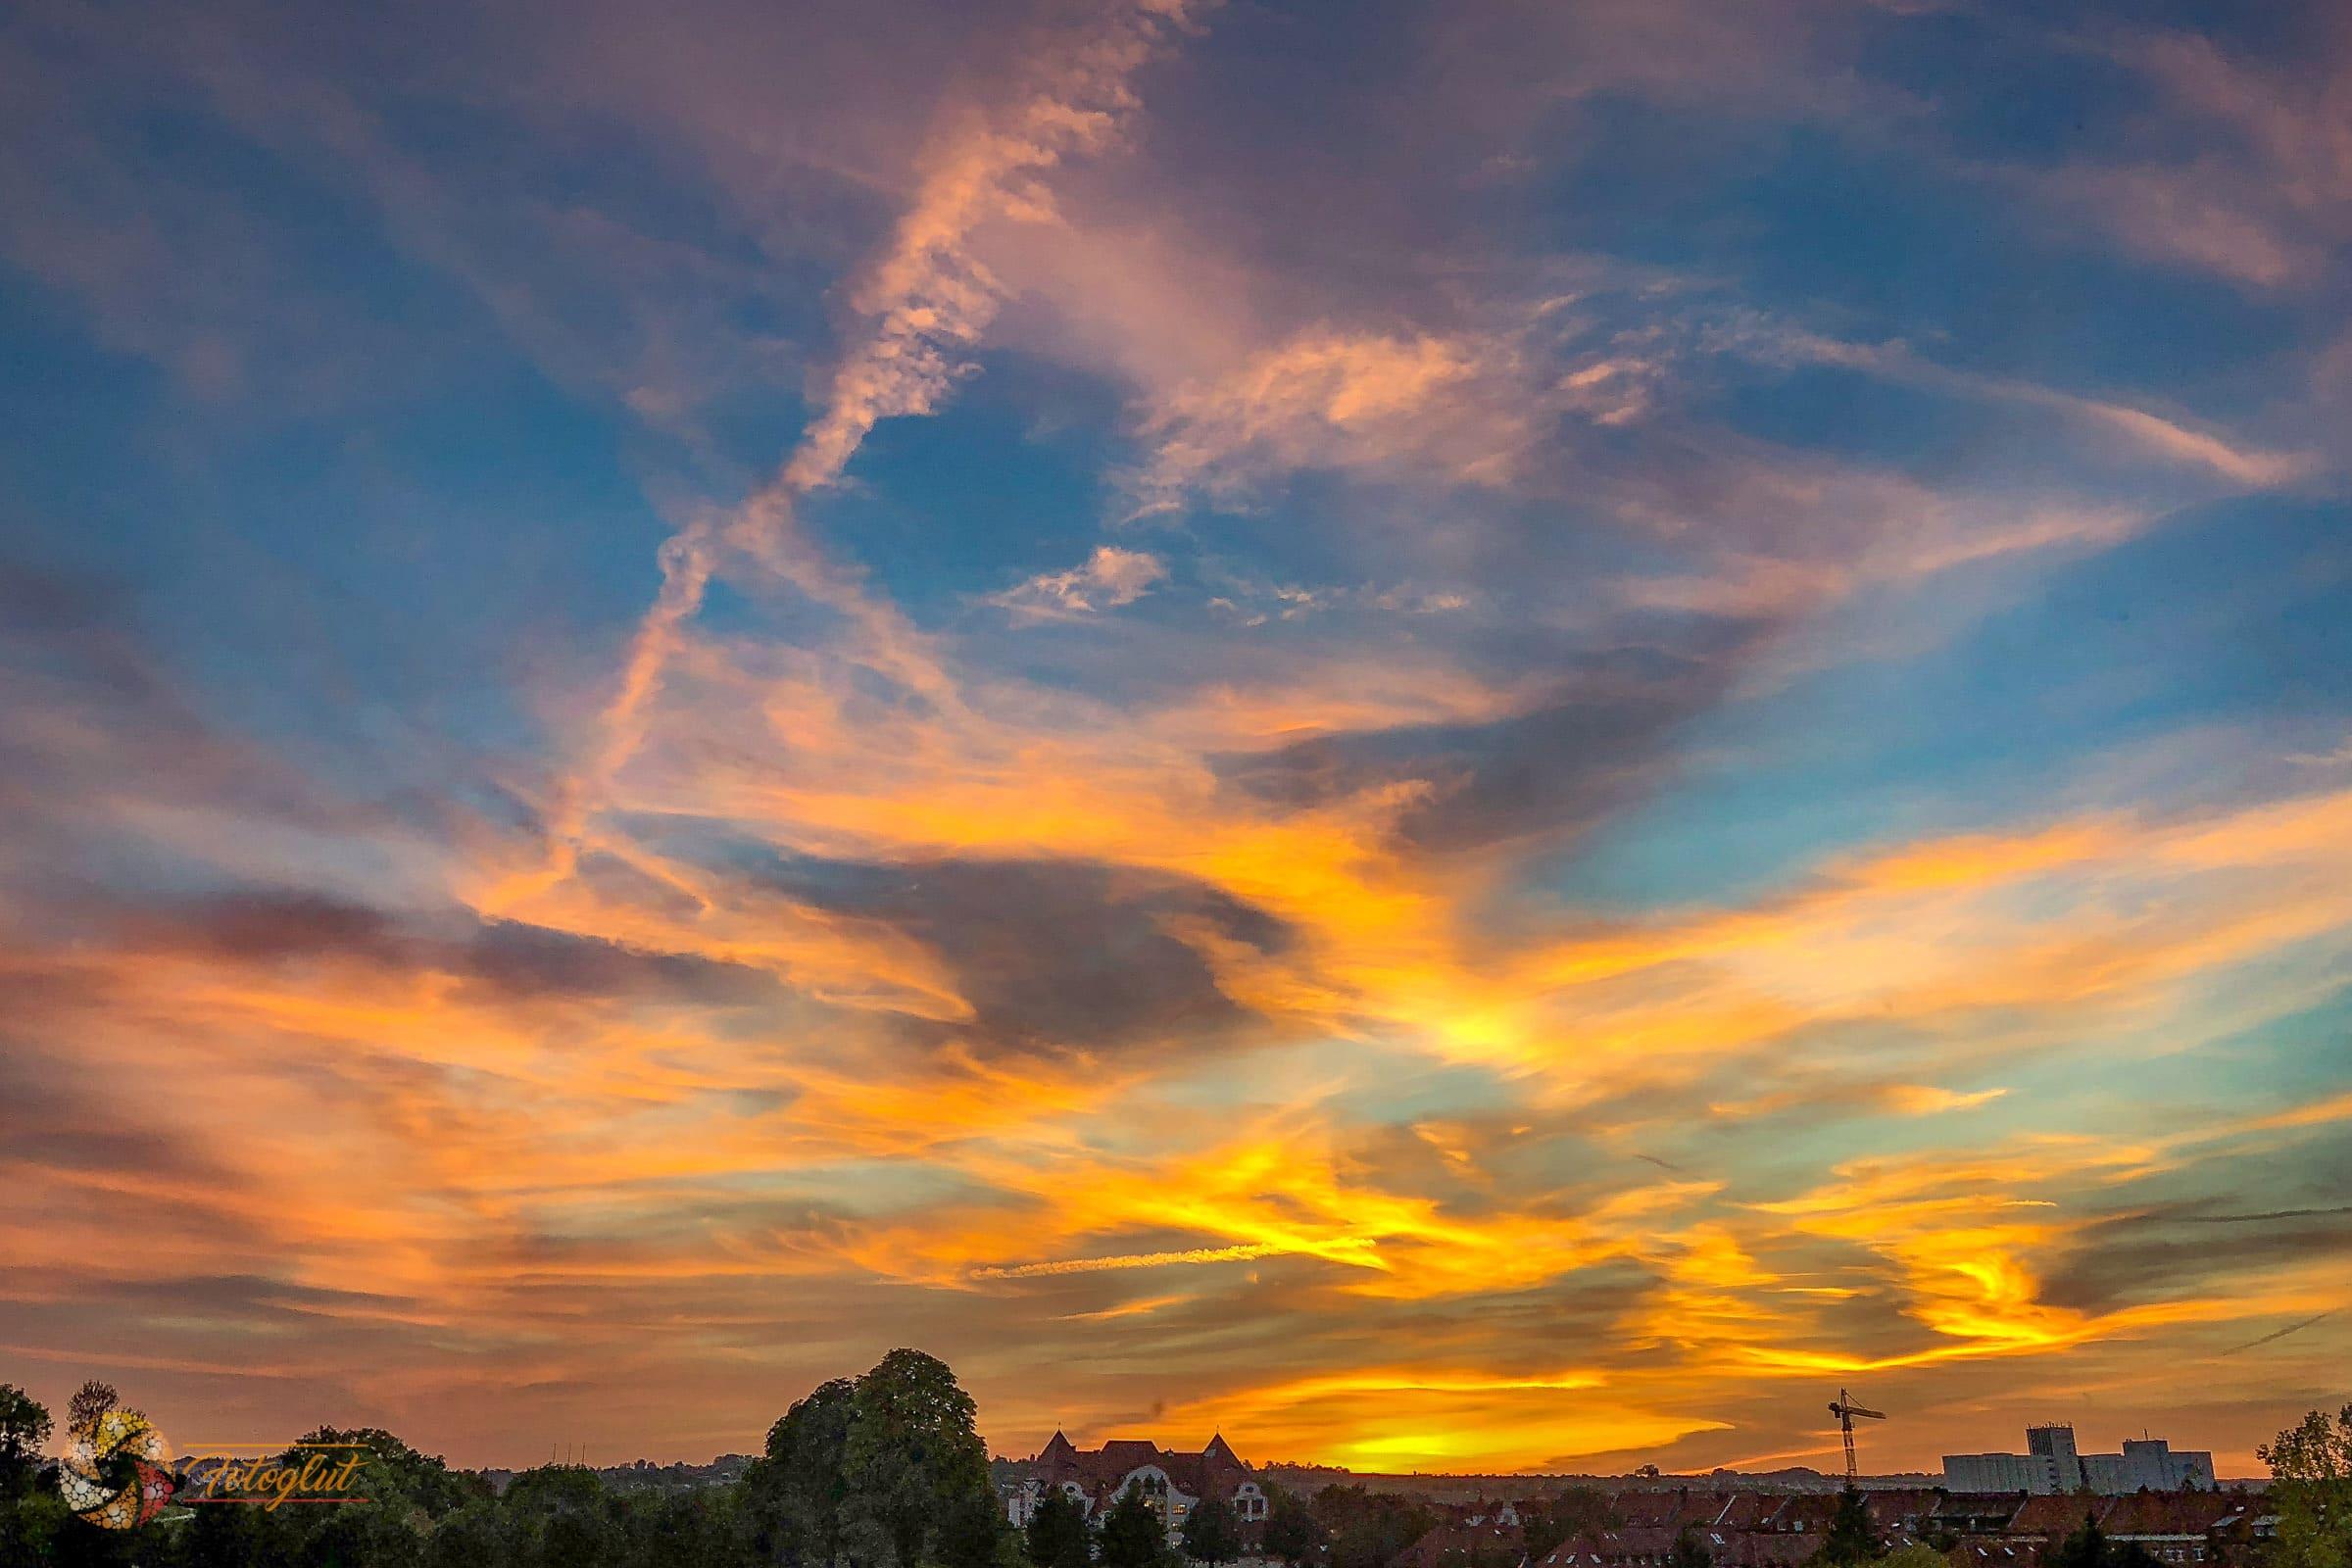 Sonnenuntergang Erfurt Okt. 2018 - © M. Stollmann